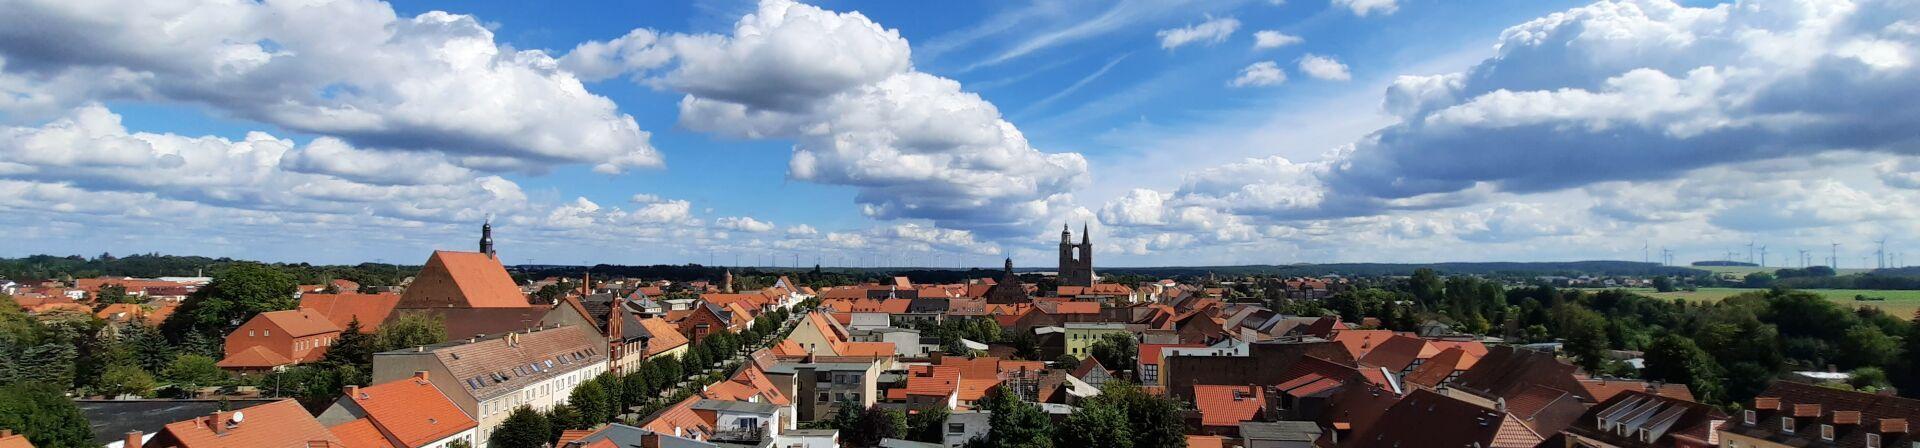 Der Altstadtkern mit Blick gen Osten